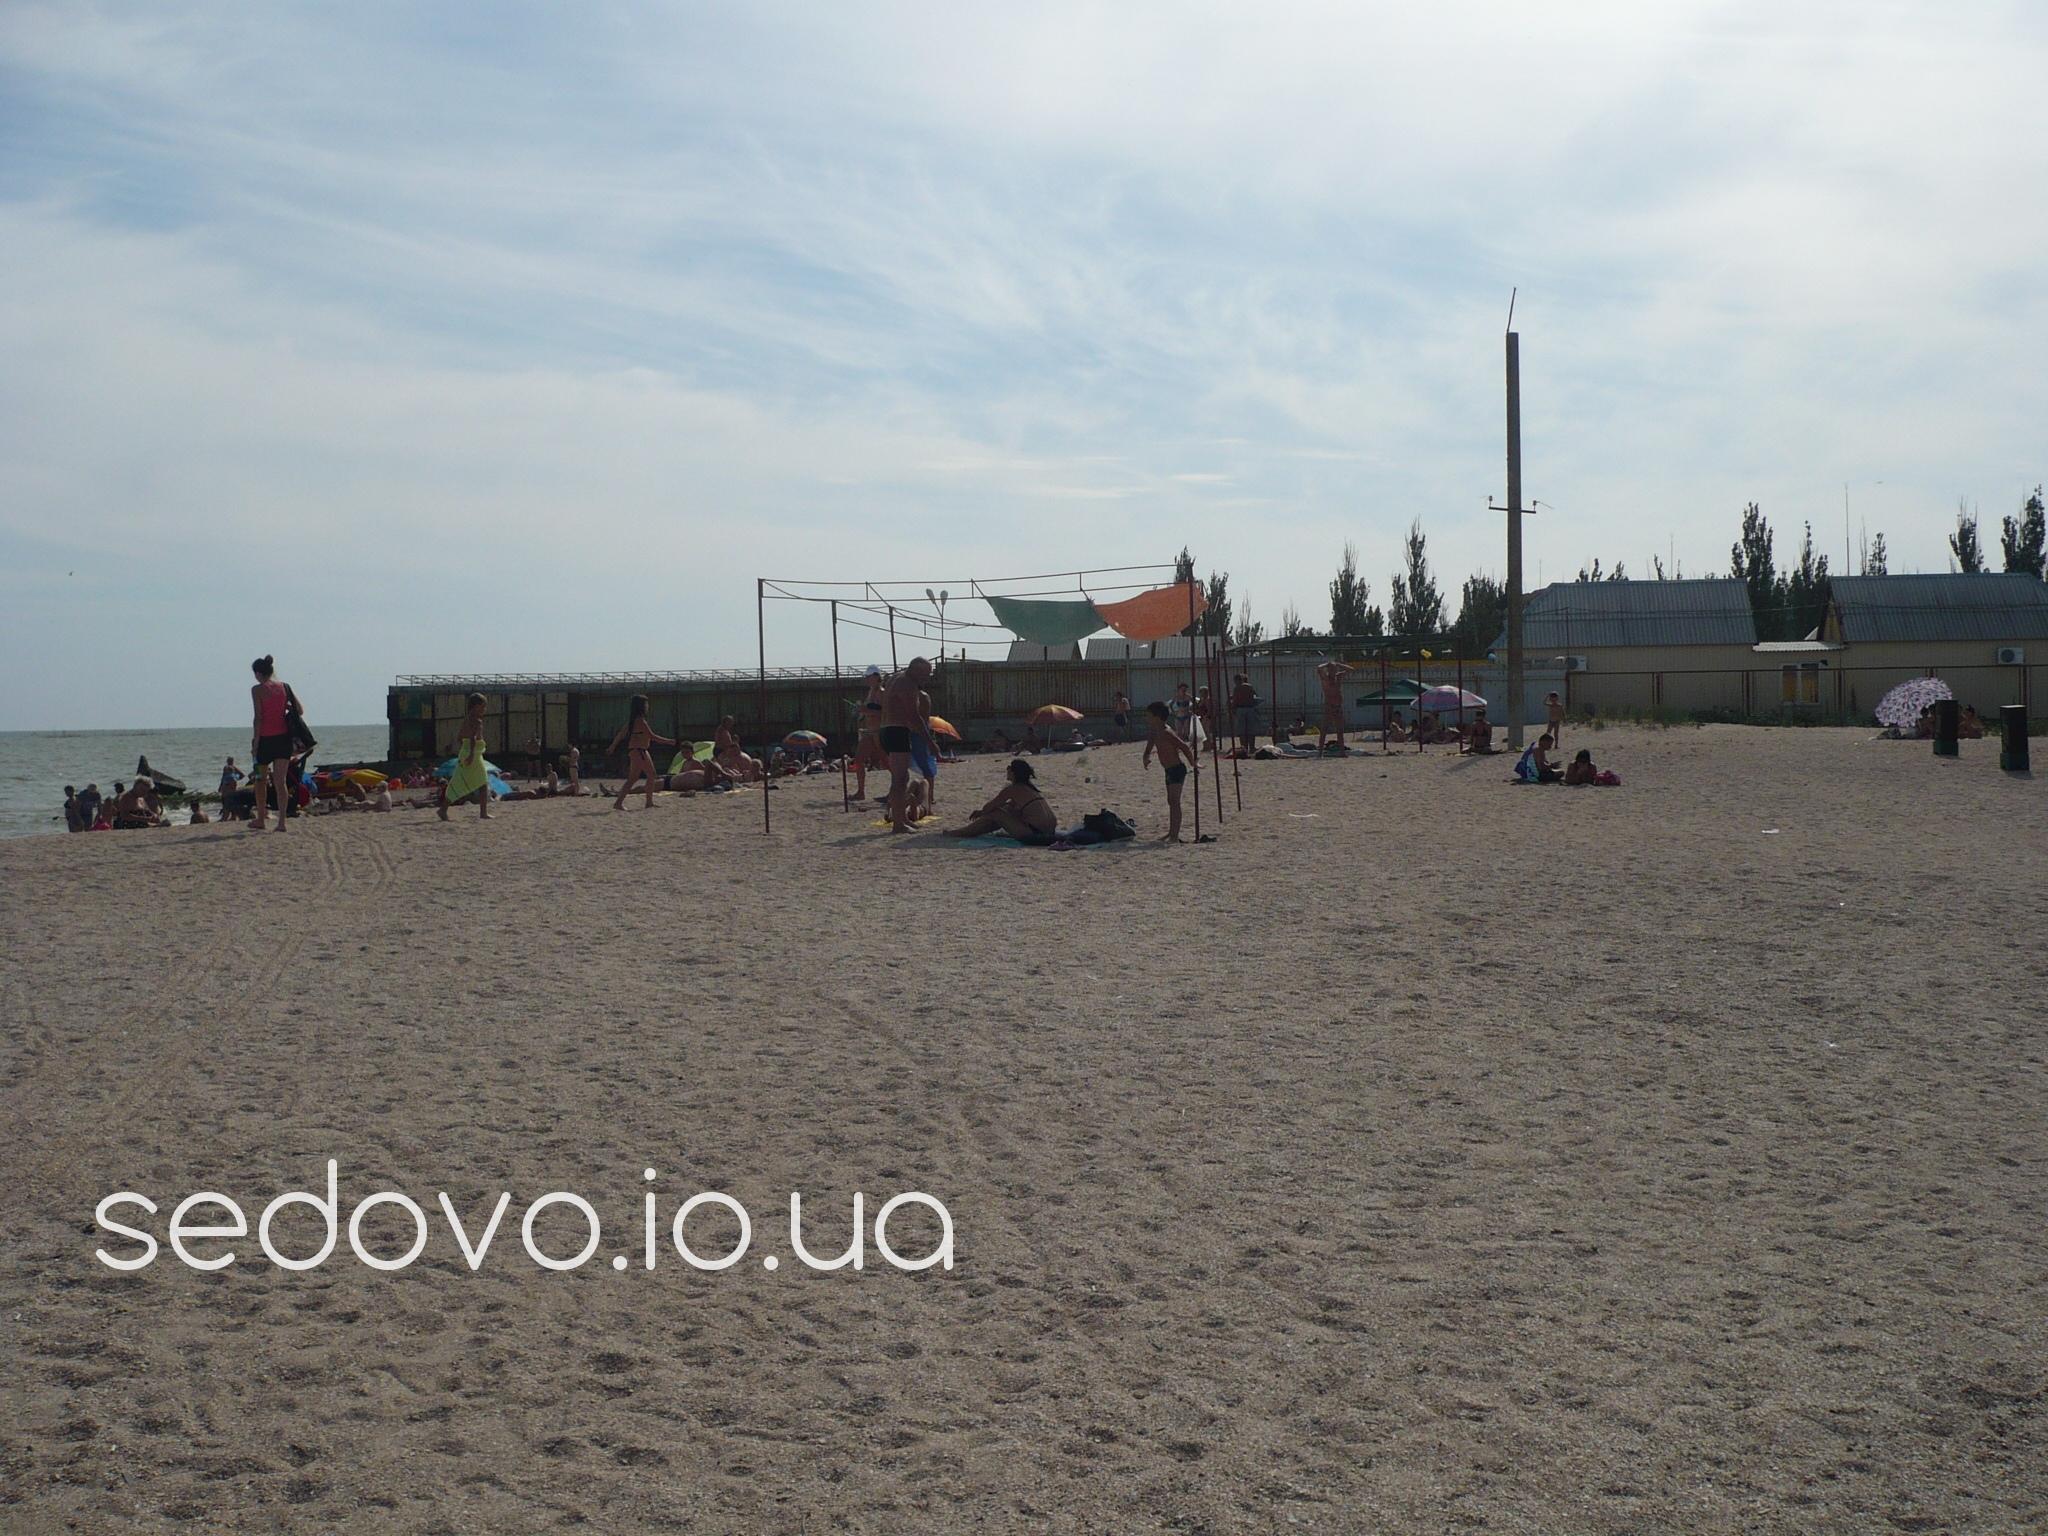 Пляжи в поселке Седово Азовское море фото